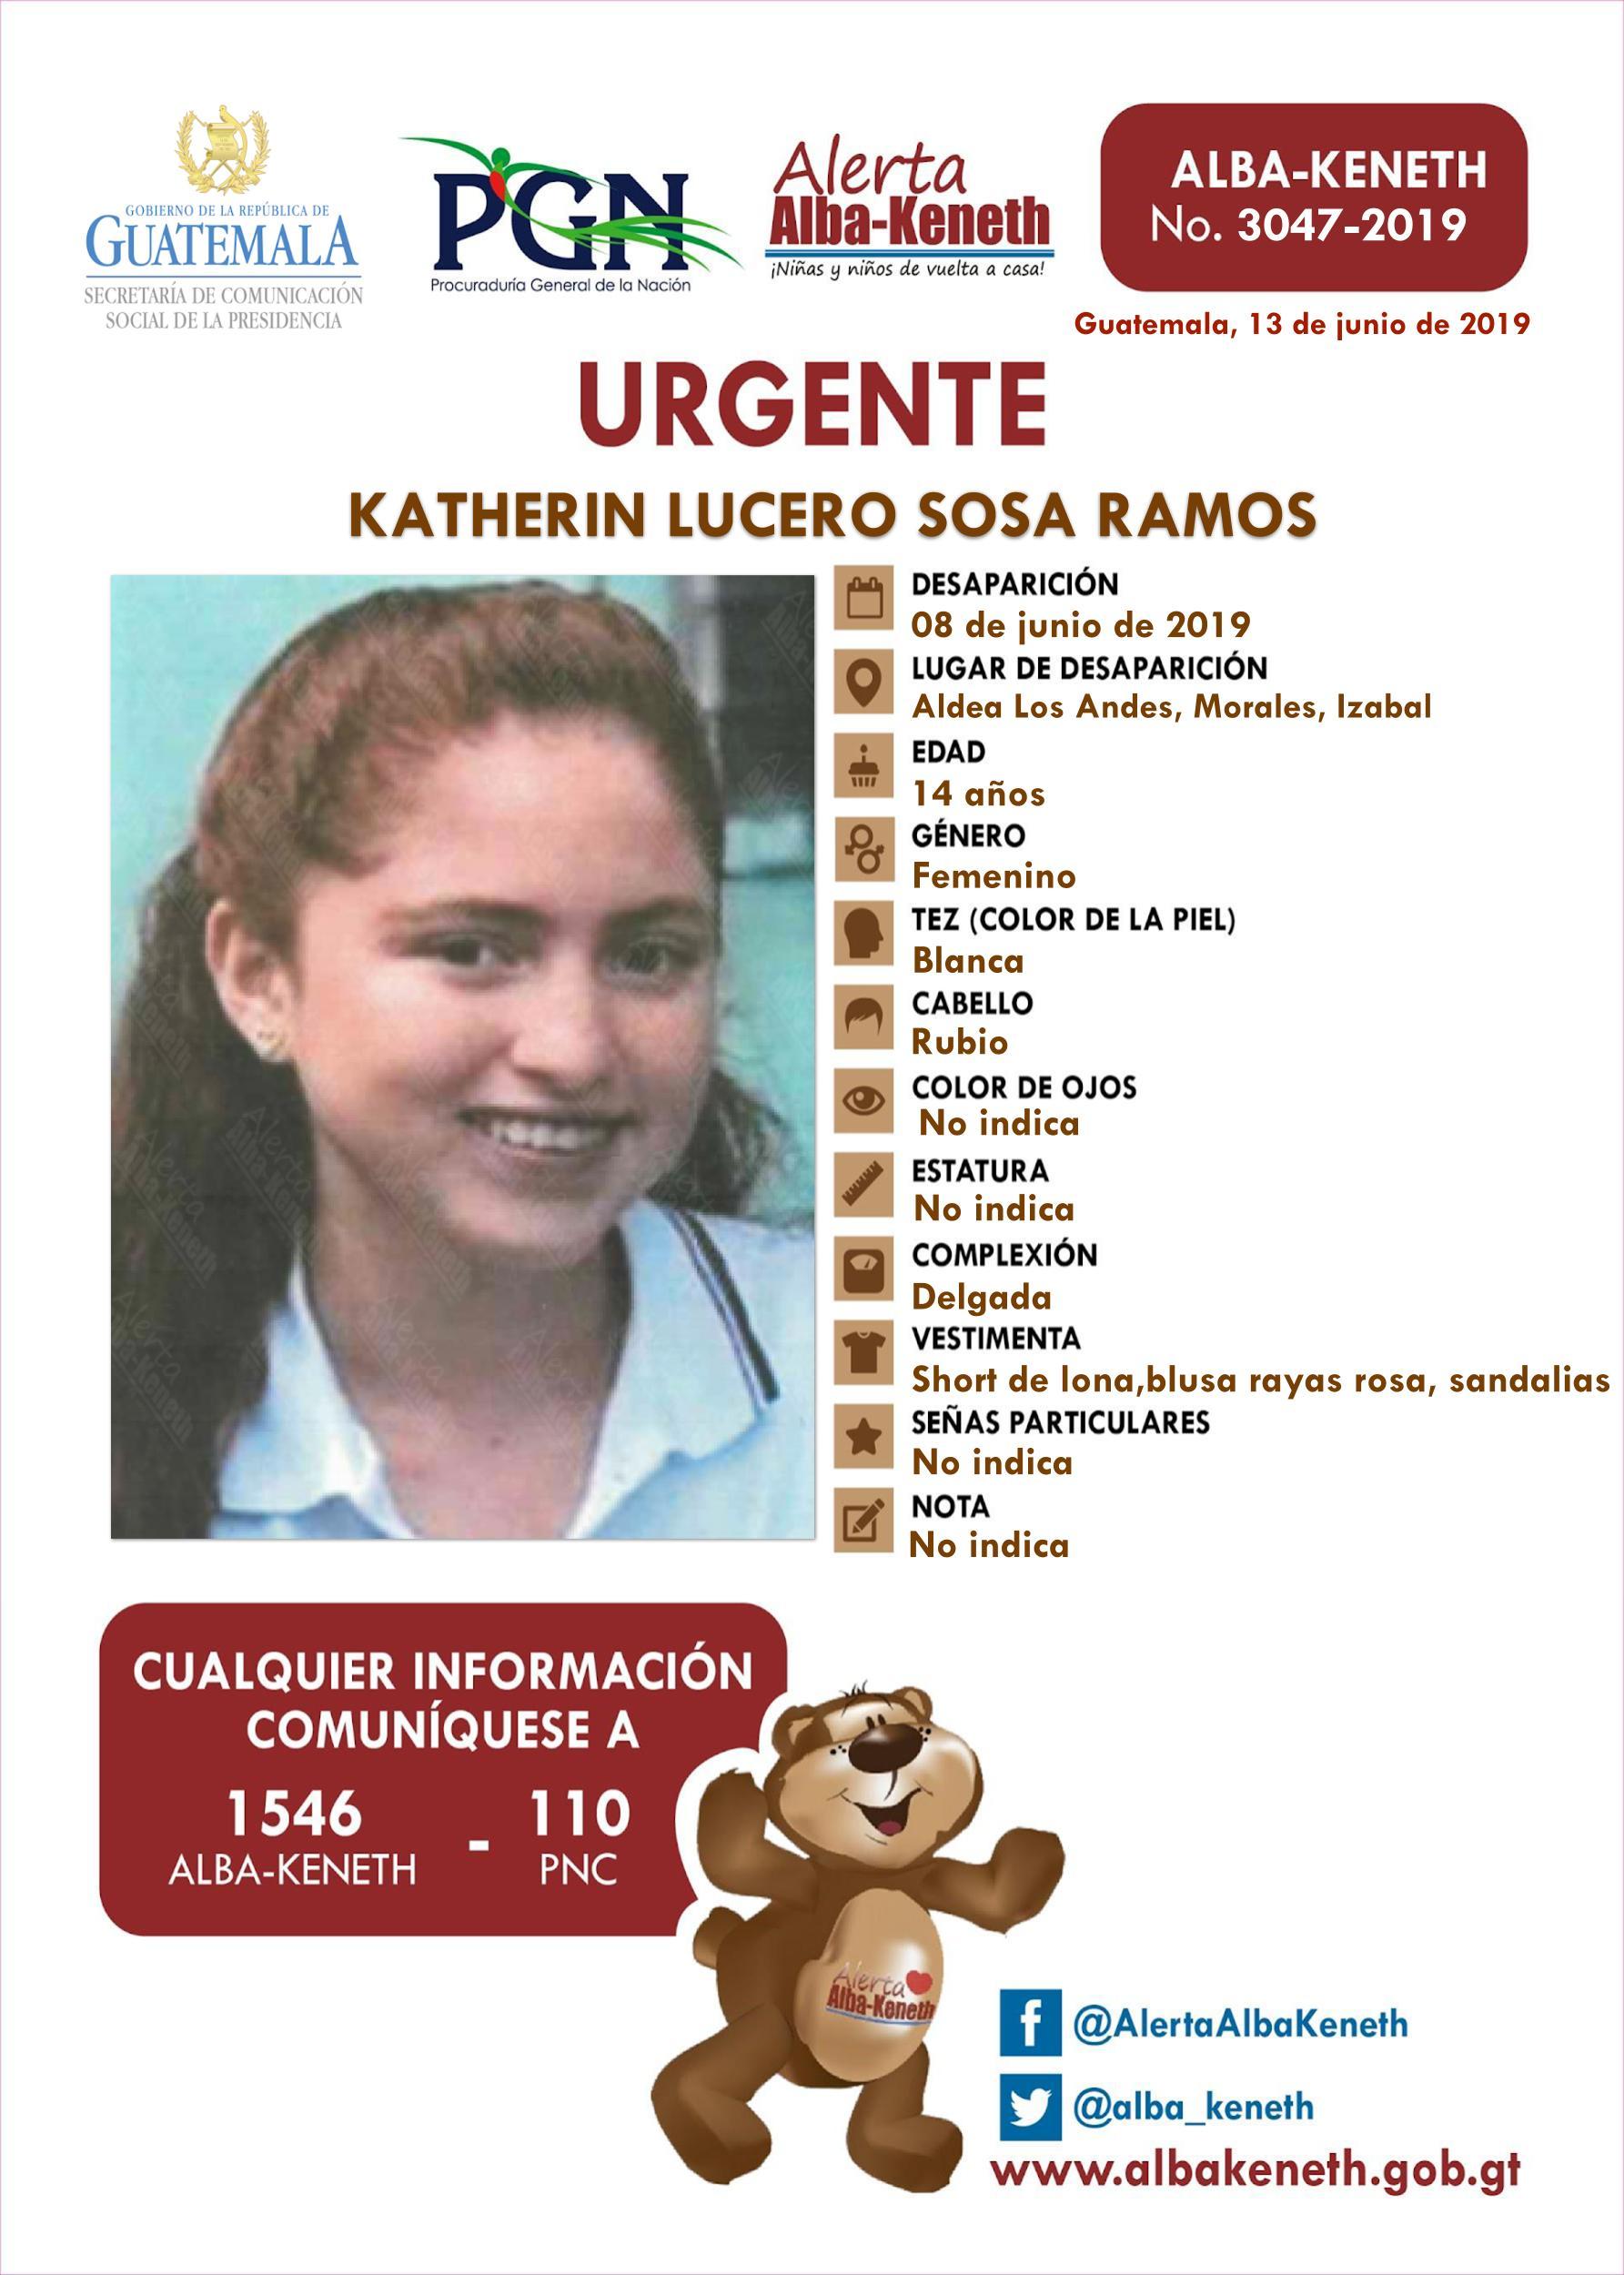 Katherin Lucero Sosa Ramos